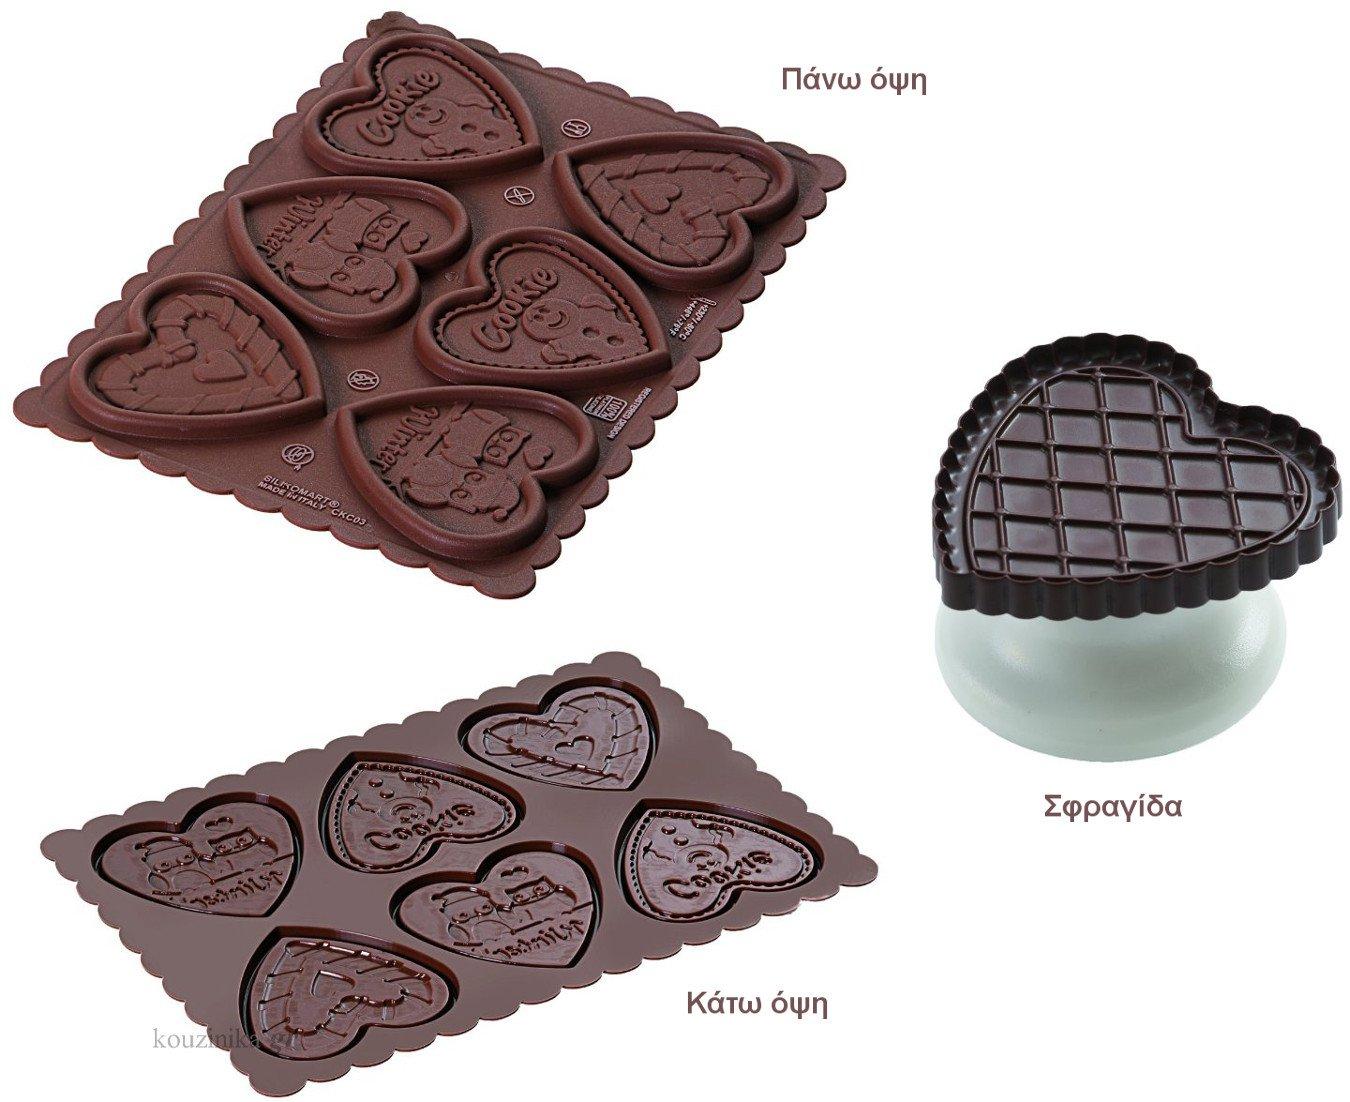 Κιτ για μπισκότα Cookie Choc Hearts